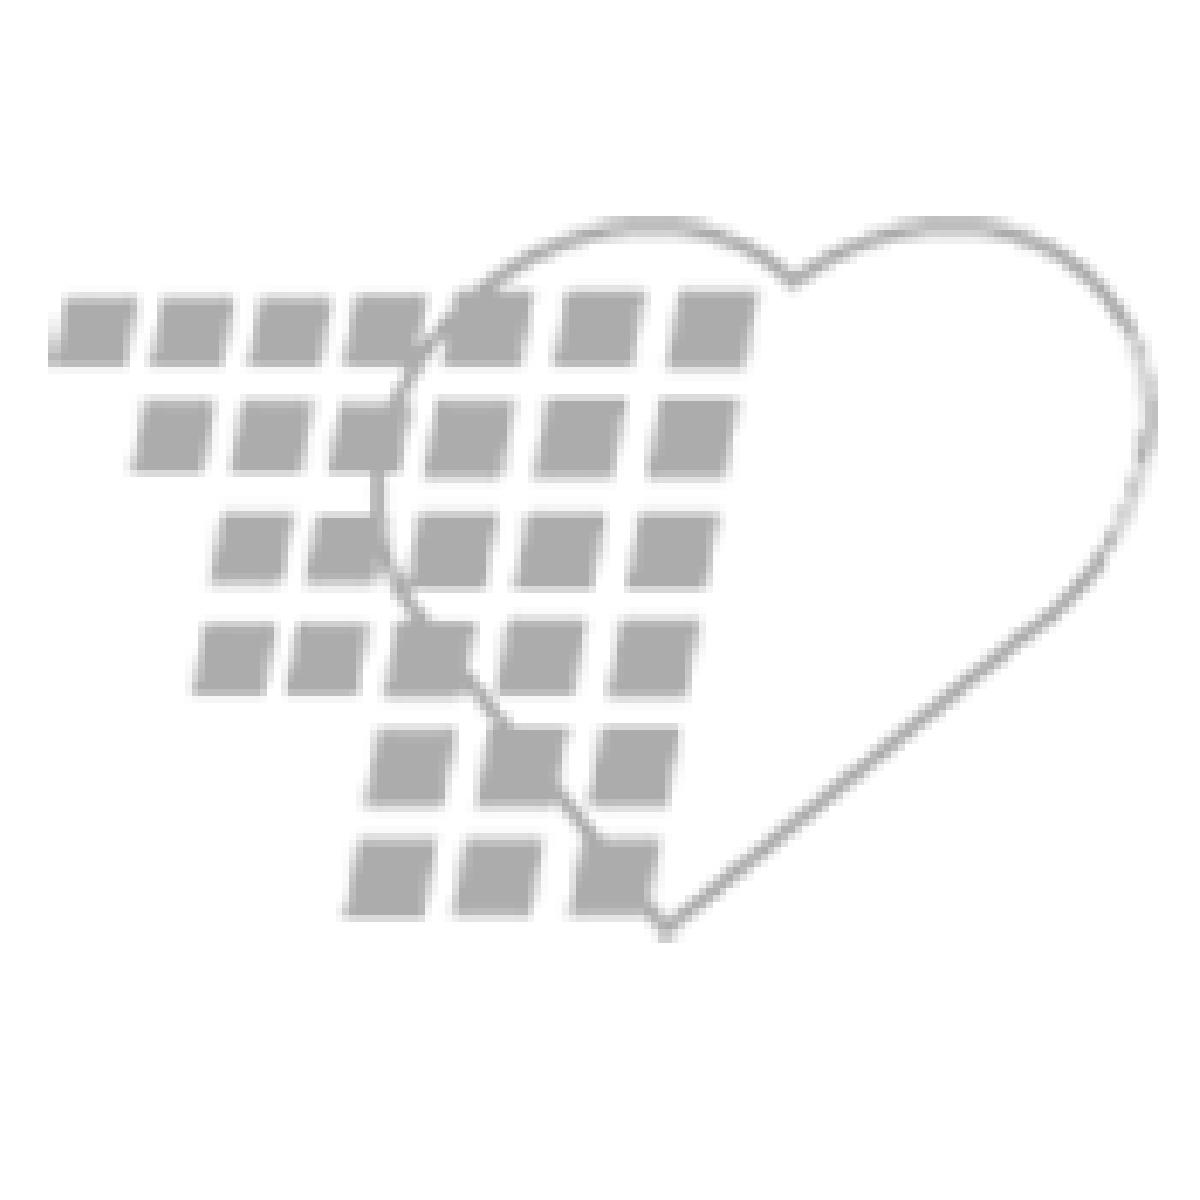 05-87-1114 - Closed Urethral Tray 1000mL Bag - 14Fr